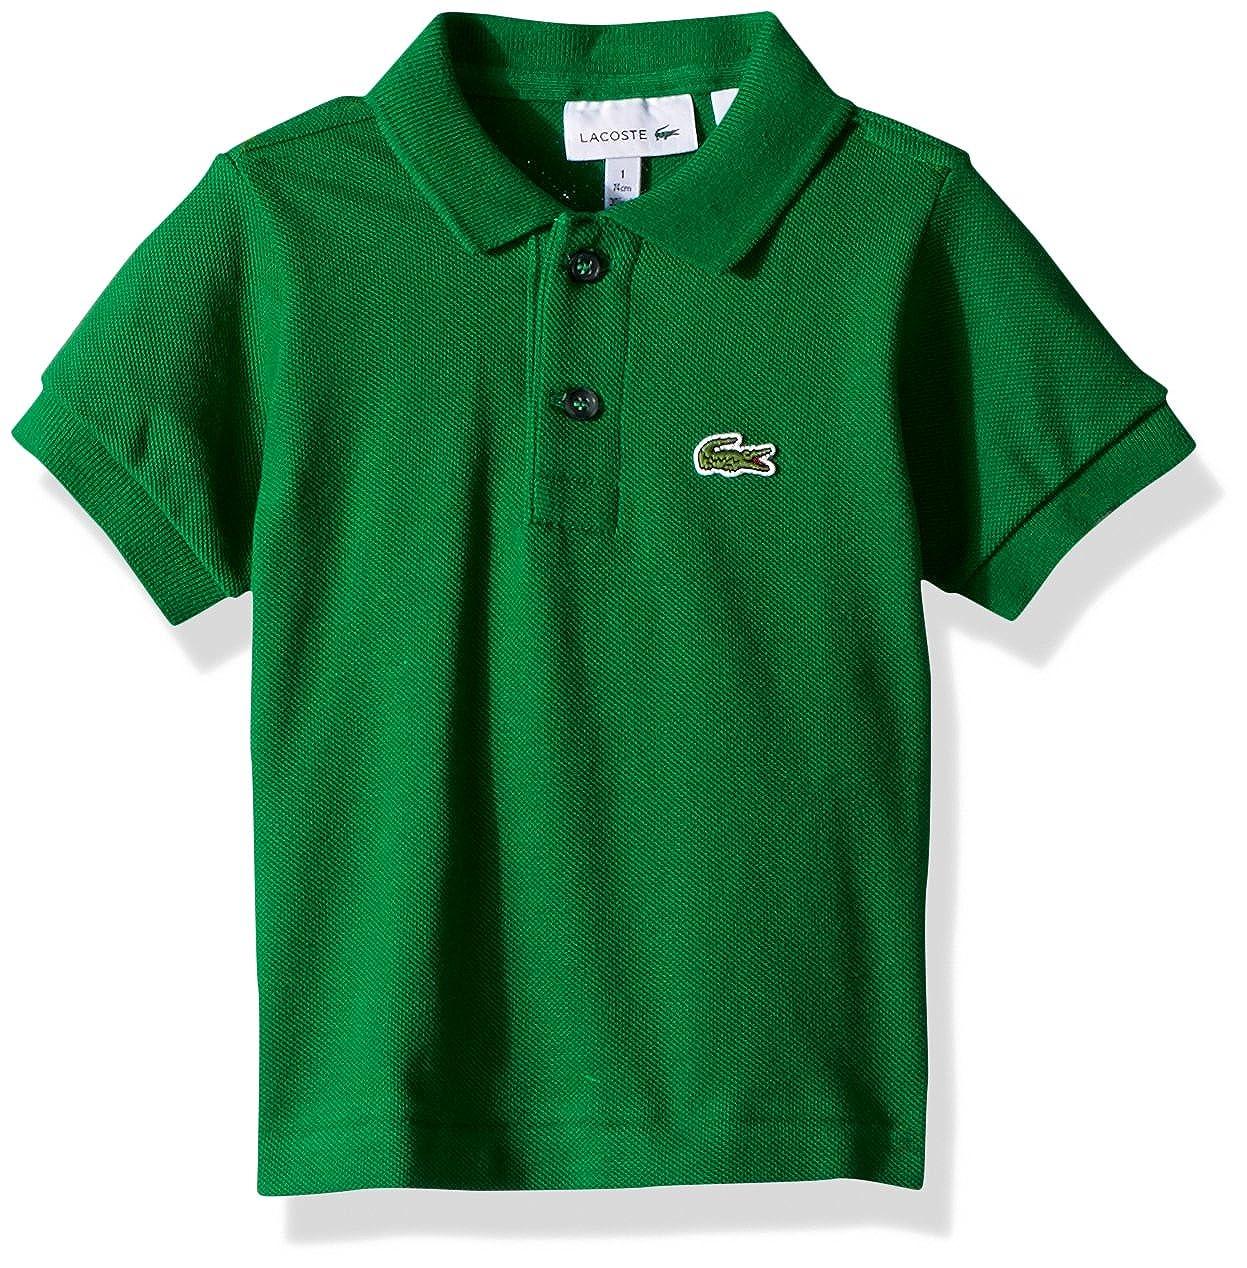 0dc7cffaf Amazon.com: Lacoste Boys' Short Sleeve Classic Pique Polo: Clothing